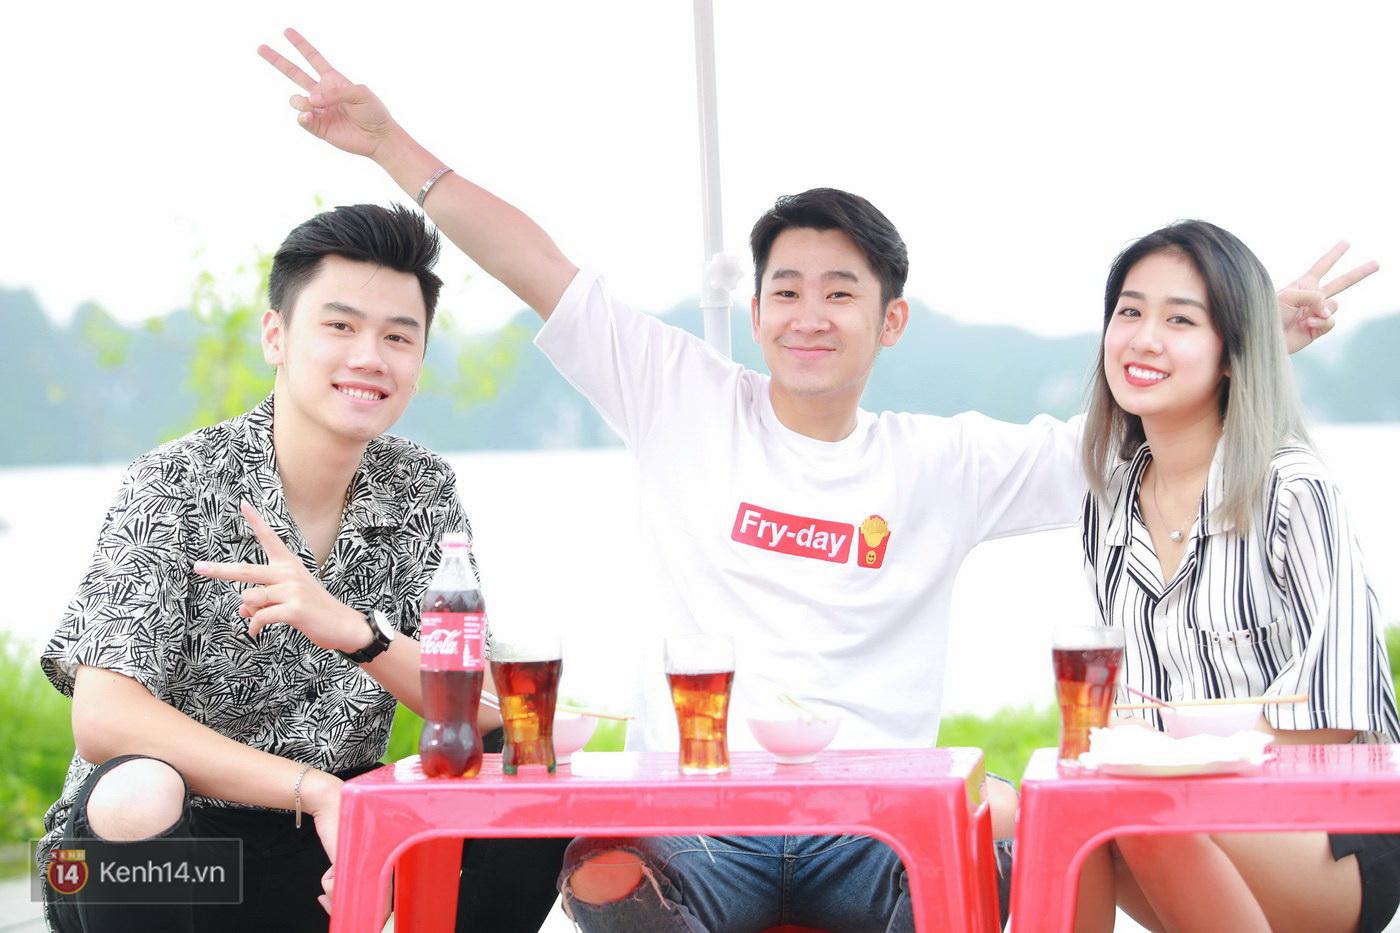 Đói Chưa Nhỉ: Những khoảnh khắc đáng yêu của cặp đôi nổi tiếng Tùng Sơn - Trang Lou - Ảnh 13.